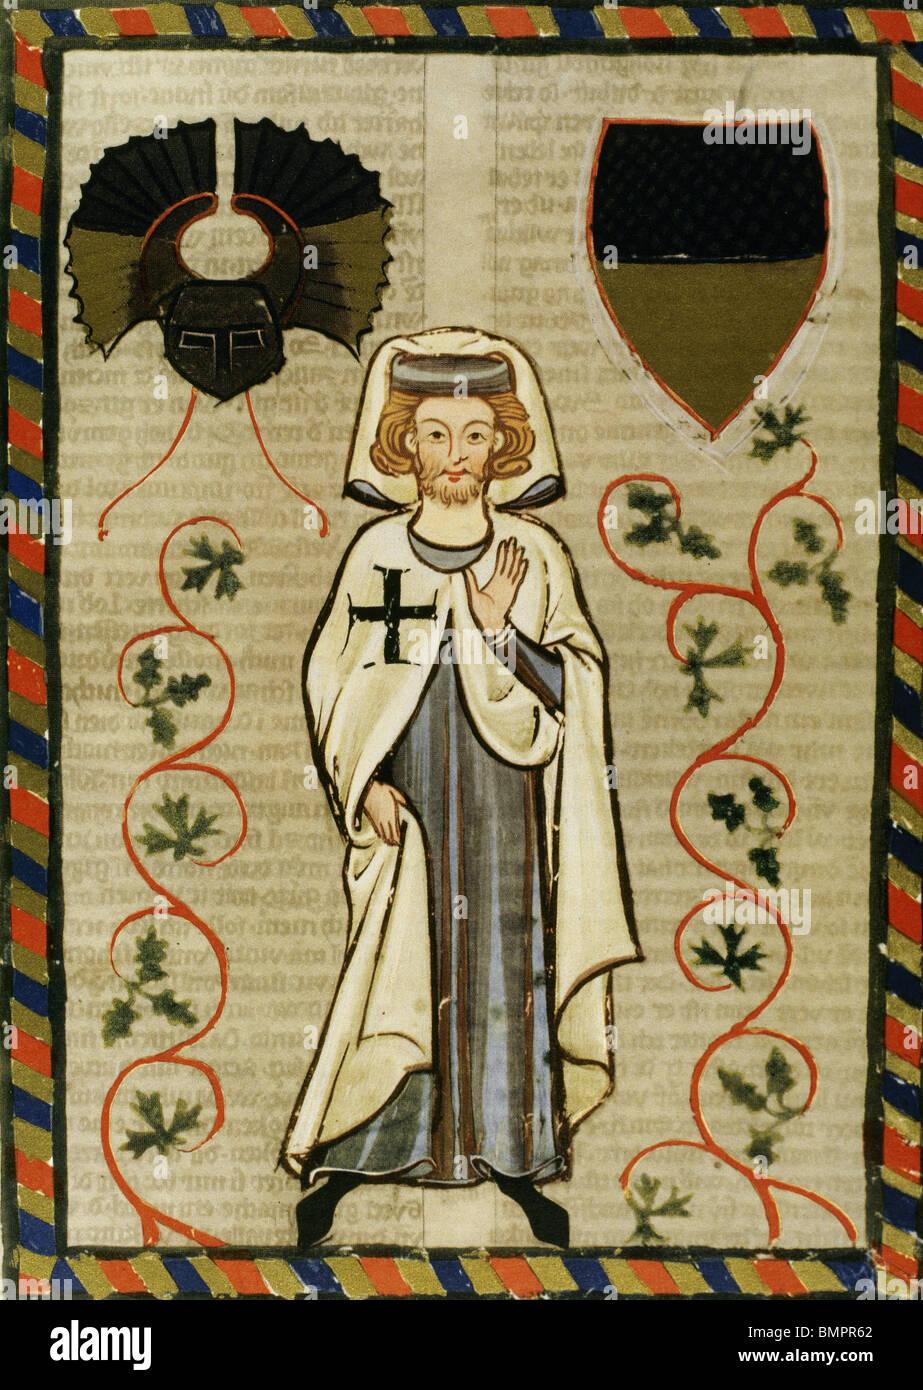 Der Tannhauser (1200-1305). Codex Manesse. - Stock Image